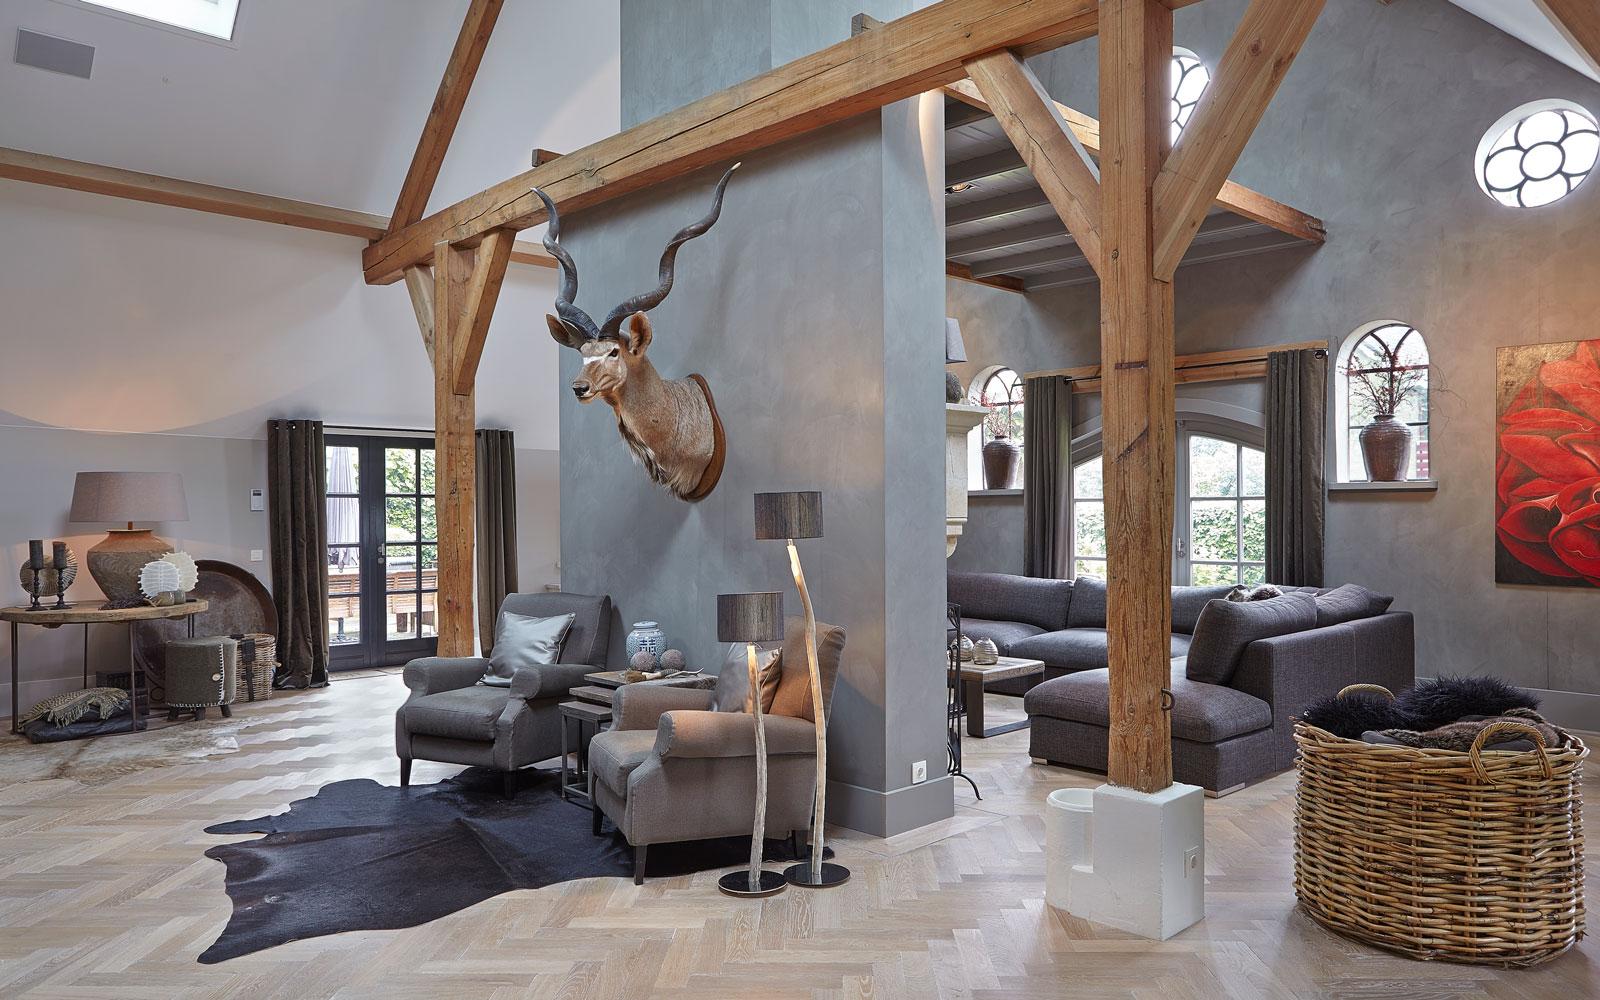 Woonkamer, houten balken, natuurlijke materialen, visgraat parket, karakteristieke boerderij, Edgar Vendrig